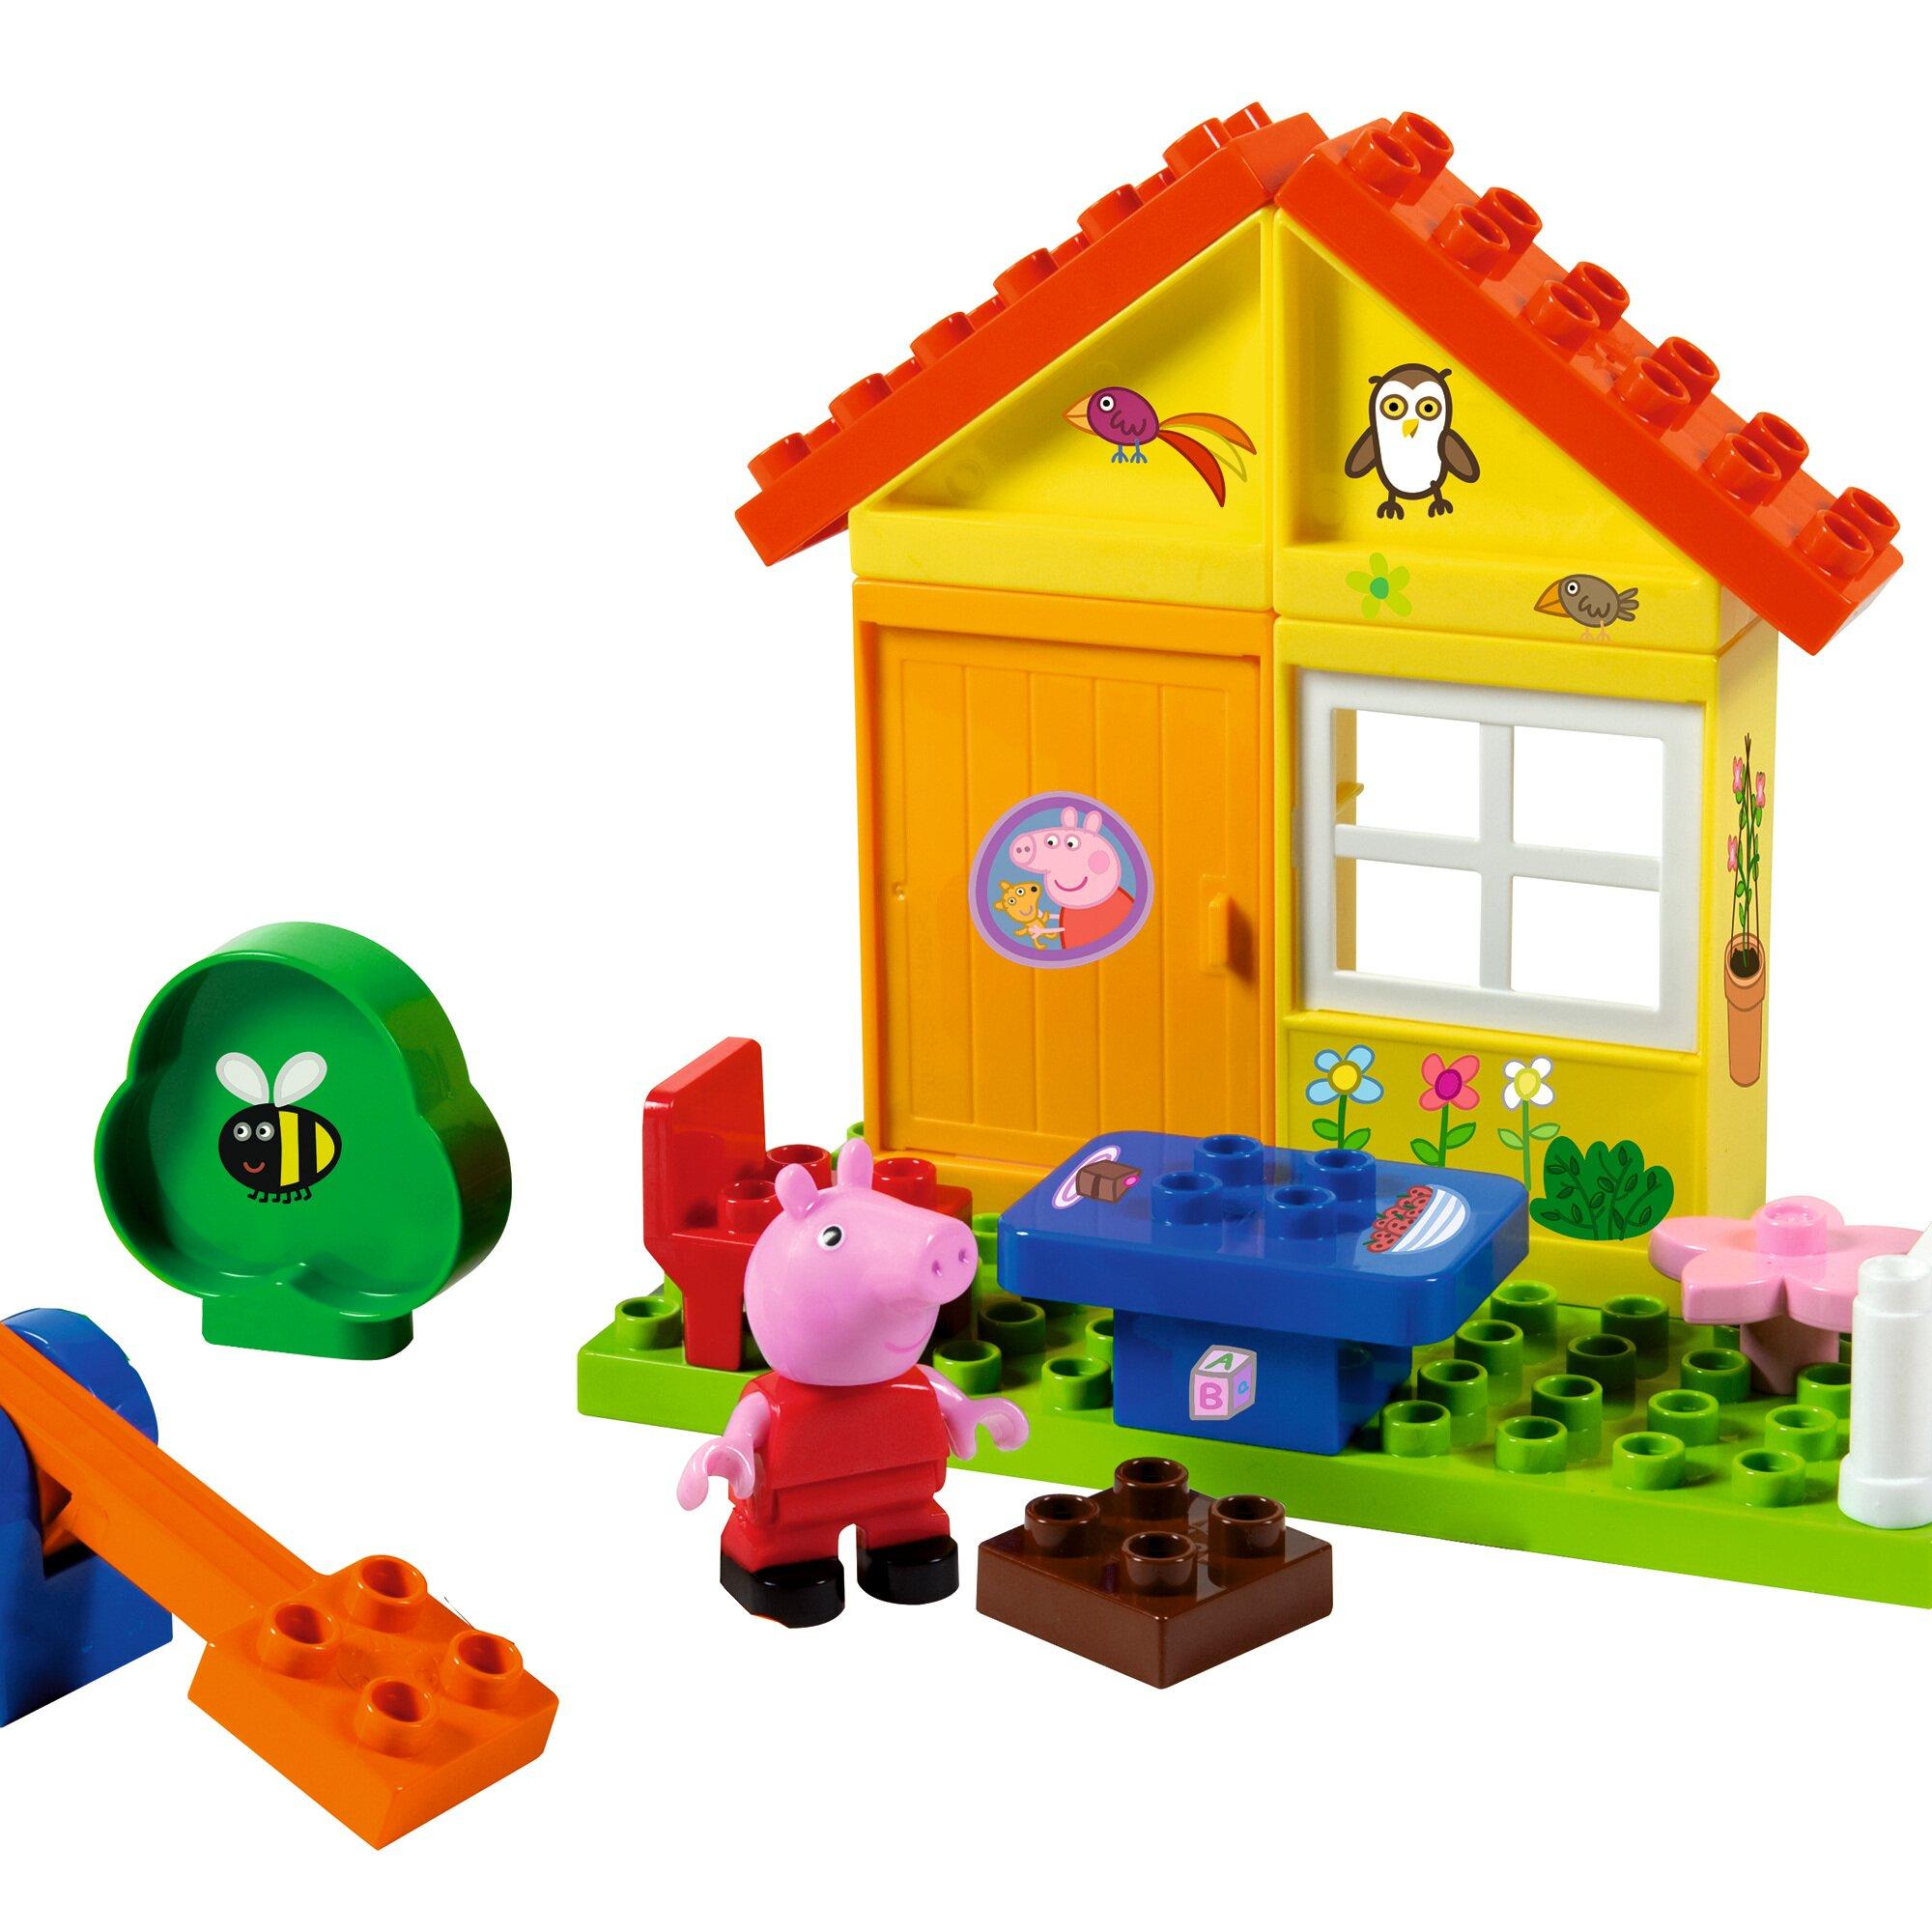 Bloxx Baustein-Set Peppa Pig Gartenhaus